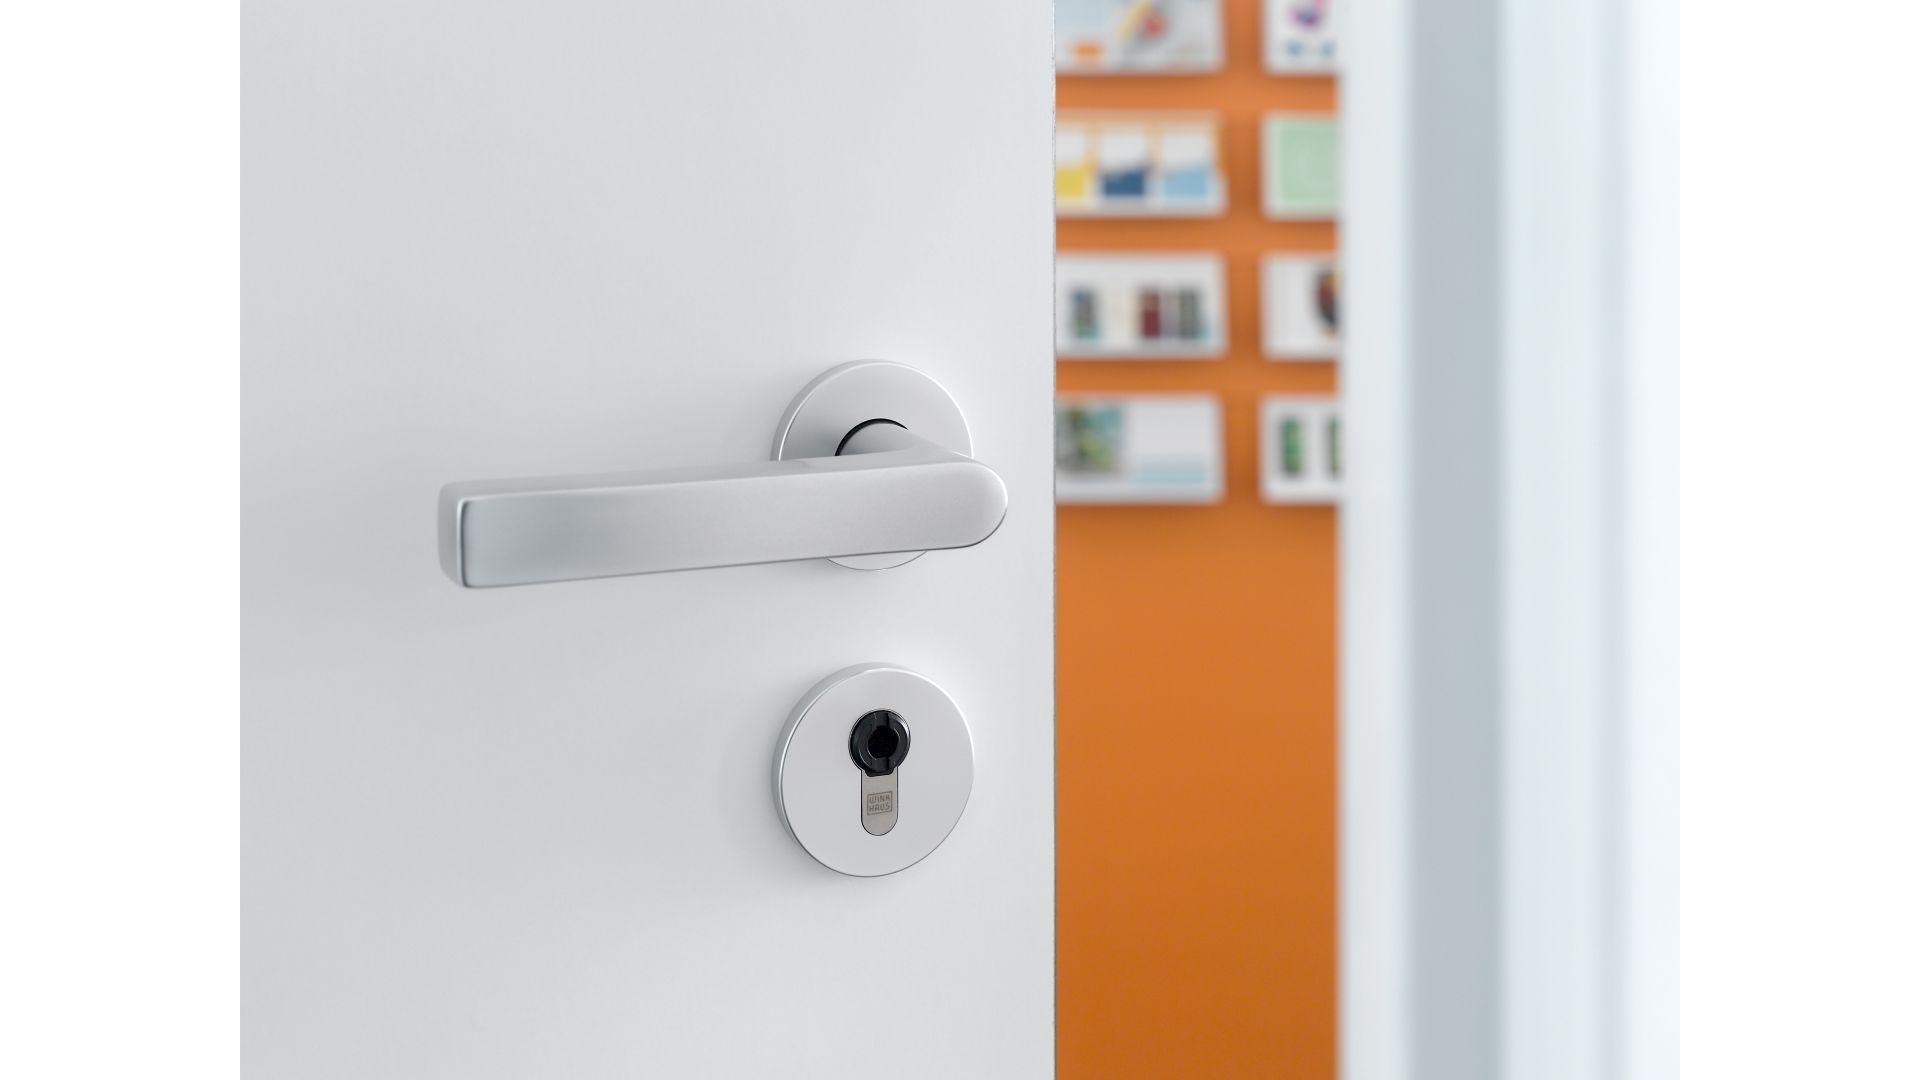 Elektroniczny system kontroli dostępu Winkhaus blueSmart/Winkhaus. Produkt zgłoszony do konkursu Dobry Design 2020.